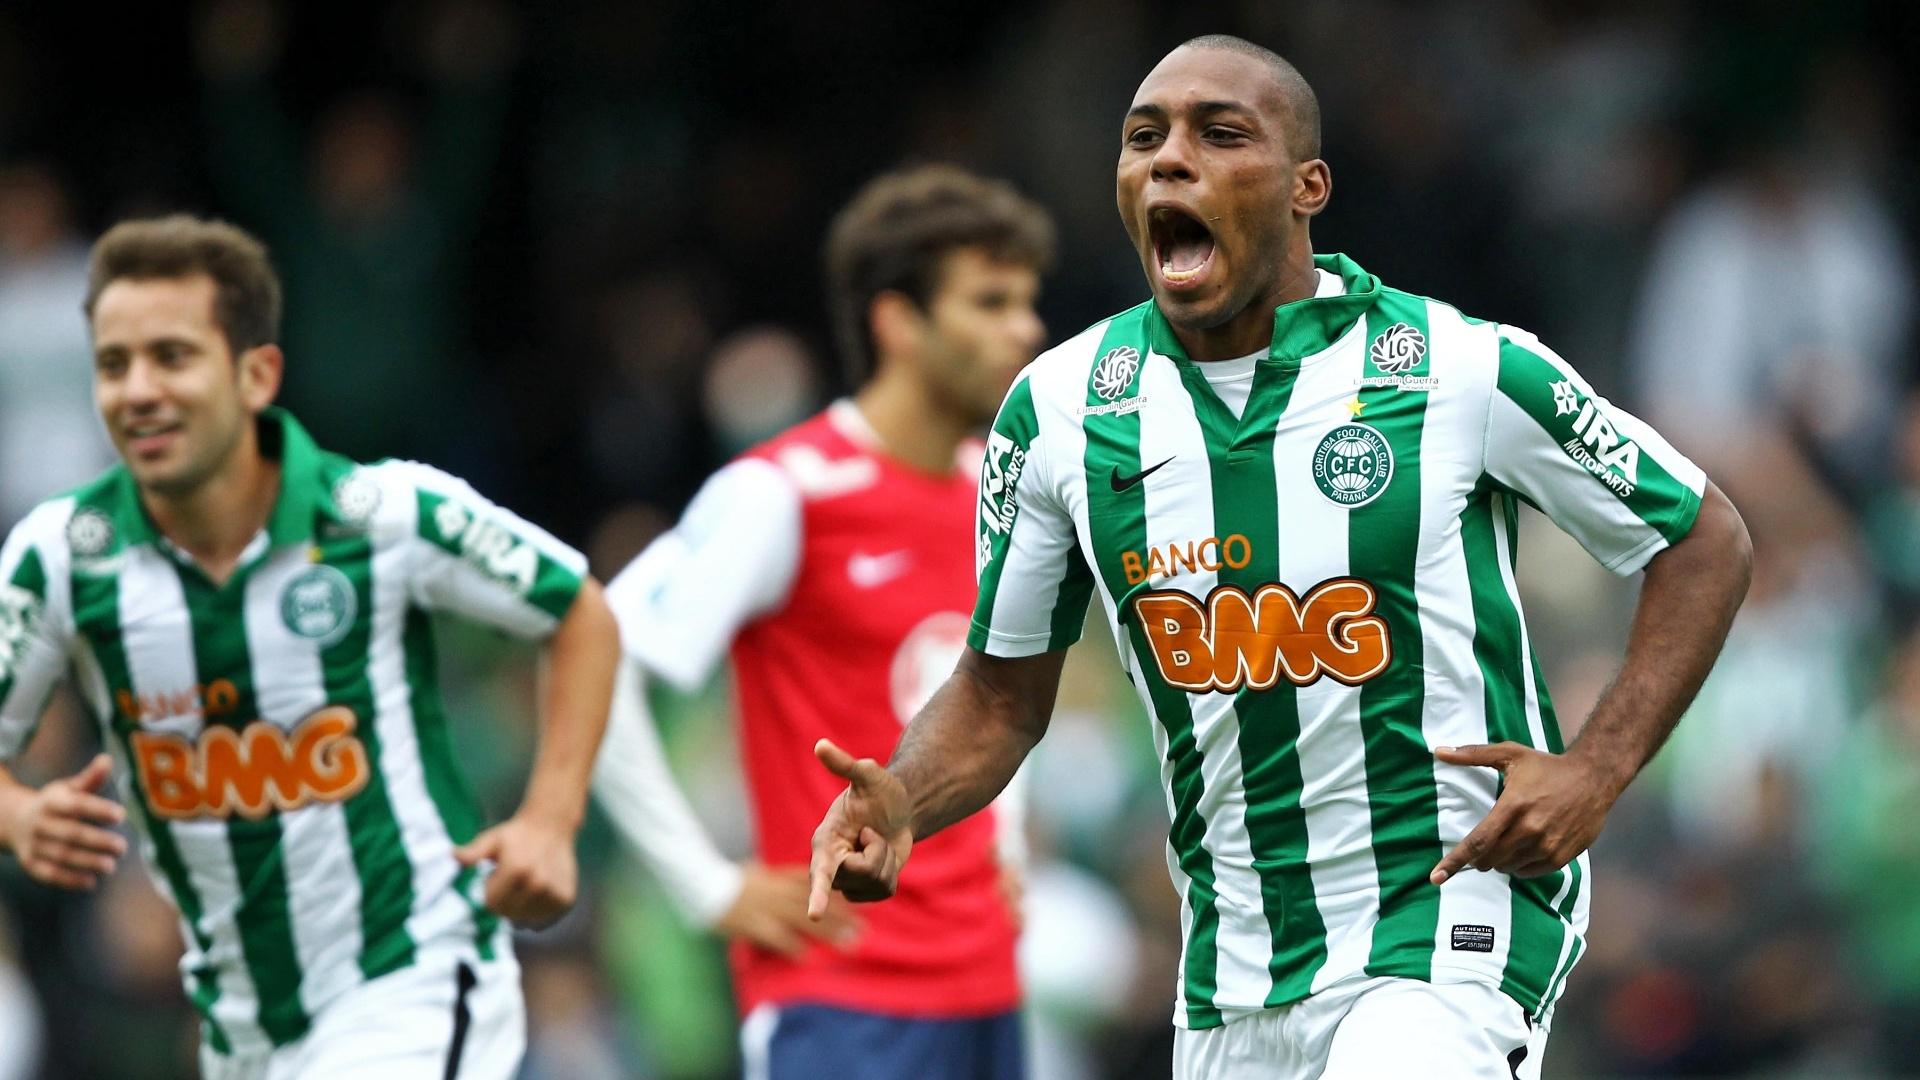 Luccas Claro, do Coritiba, comemora ao marcar o gol na partida contra o Bahia, no Couto Pereira, em Curitiba